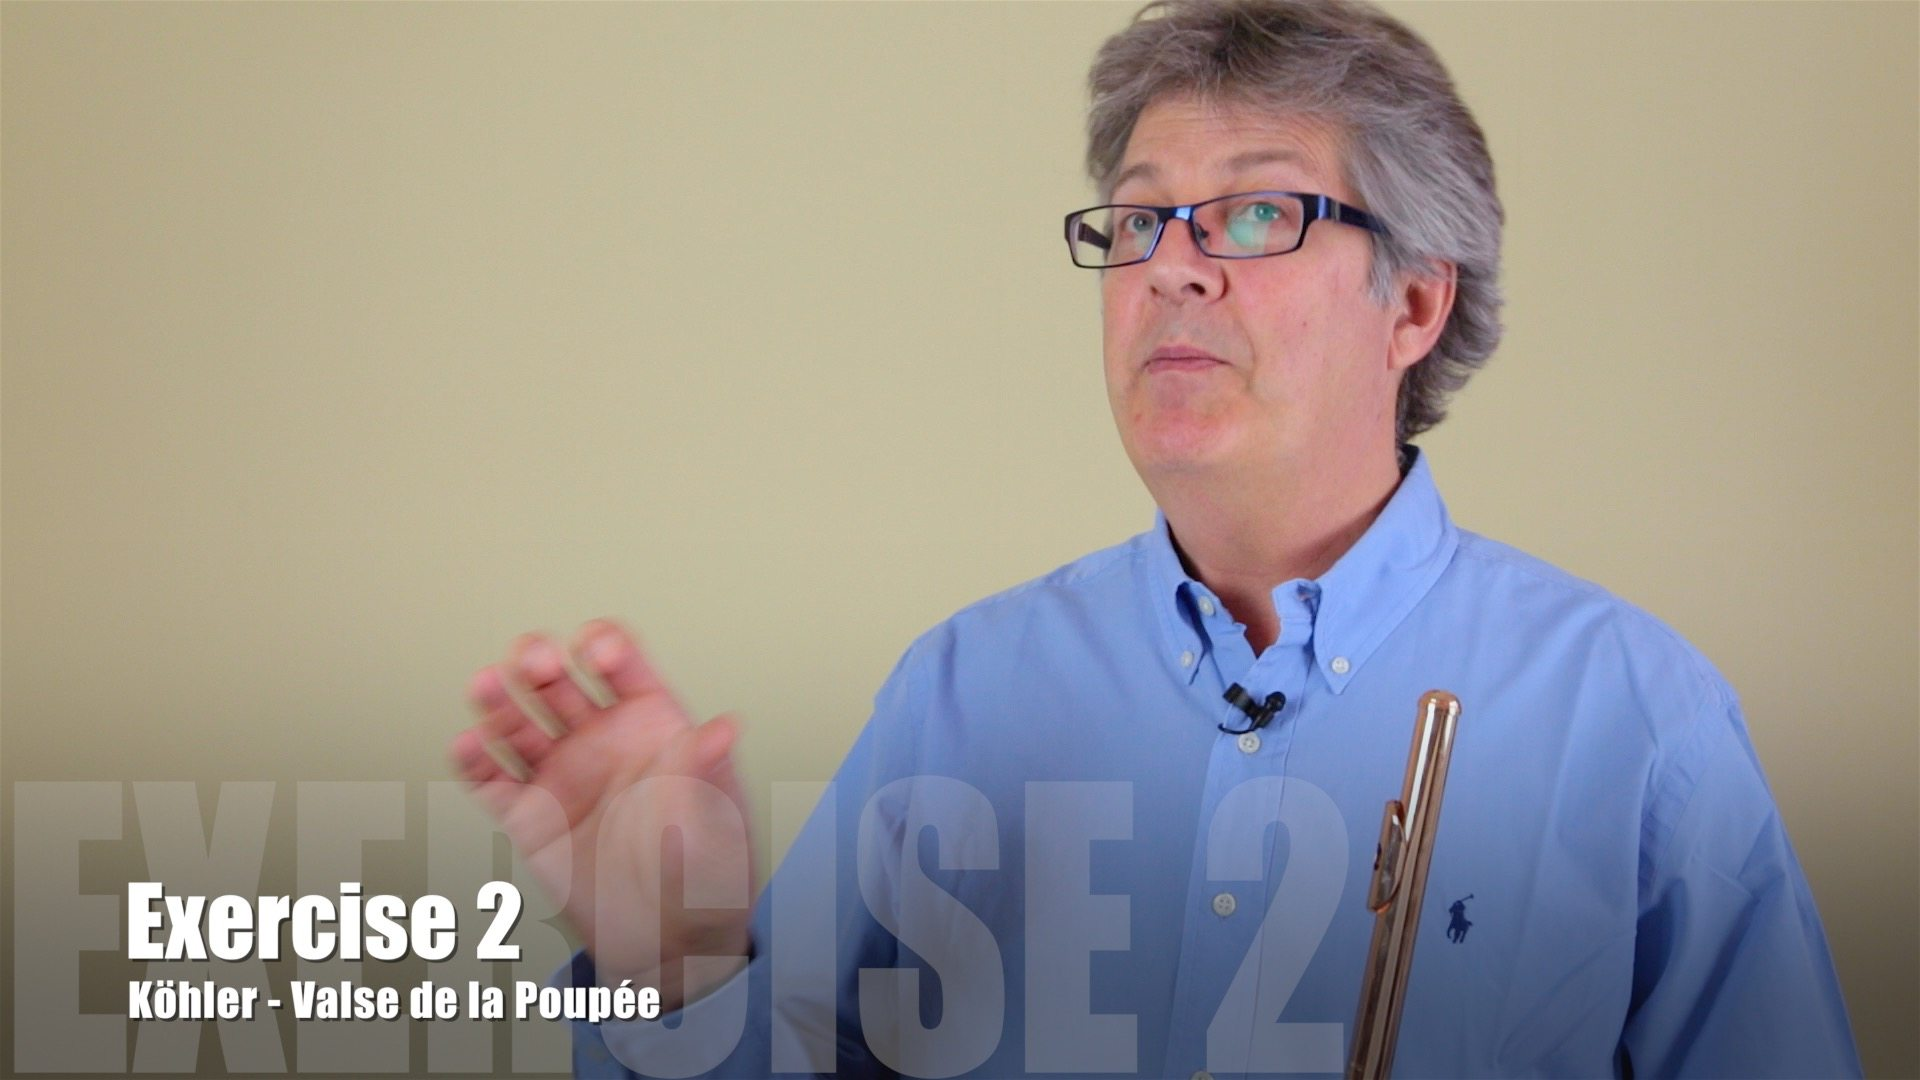 Köhler - Valse de la Poupée - Exercise 2